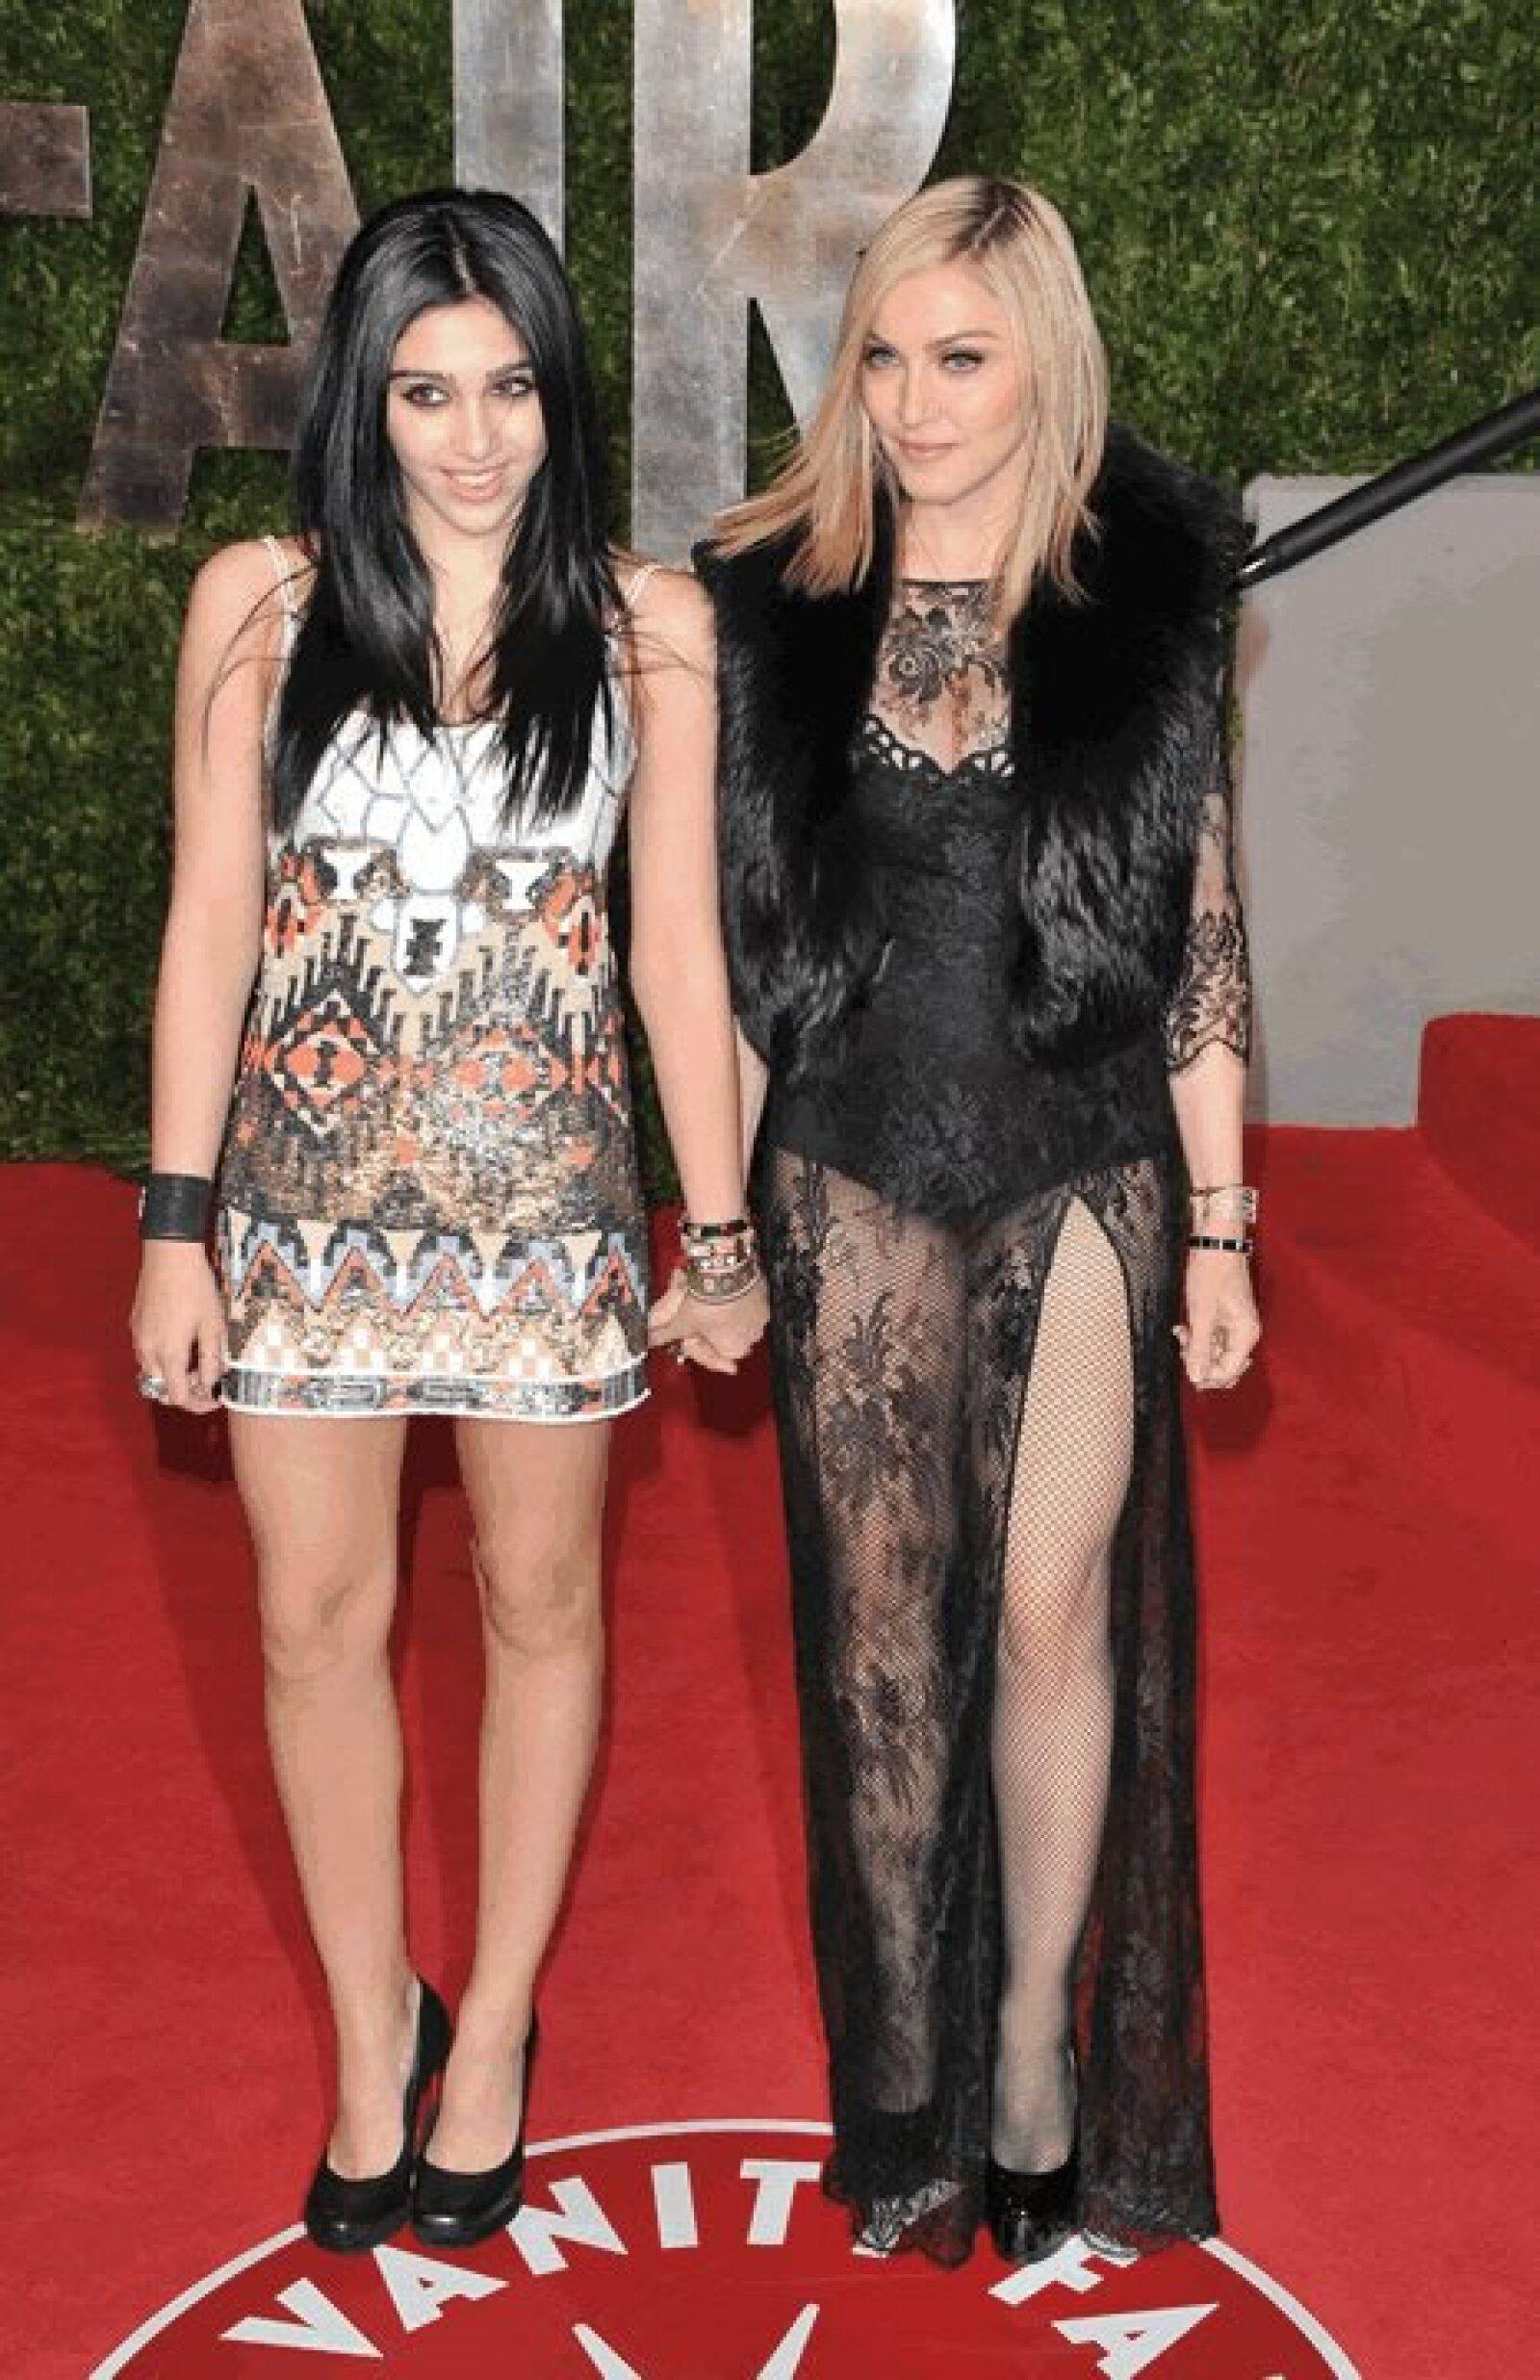 Madonna y Lourdes Leon- A la joven de 18 años también le gusta experimentar con sus looks y la moda. En alguna ocasión ayudó a su mamá a diseñar la línea de ropa Material Girl.